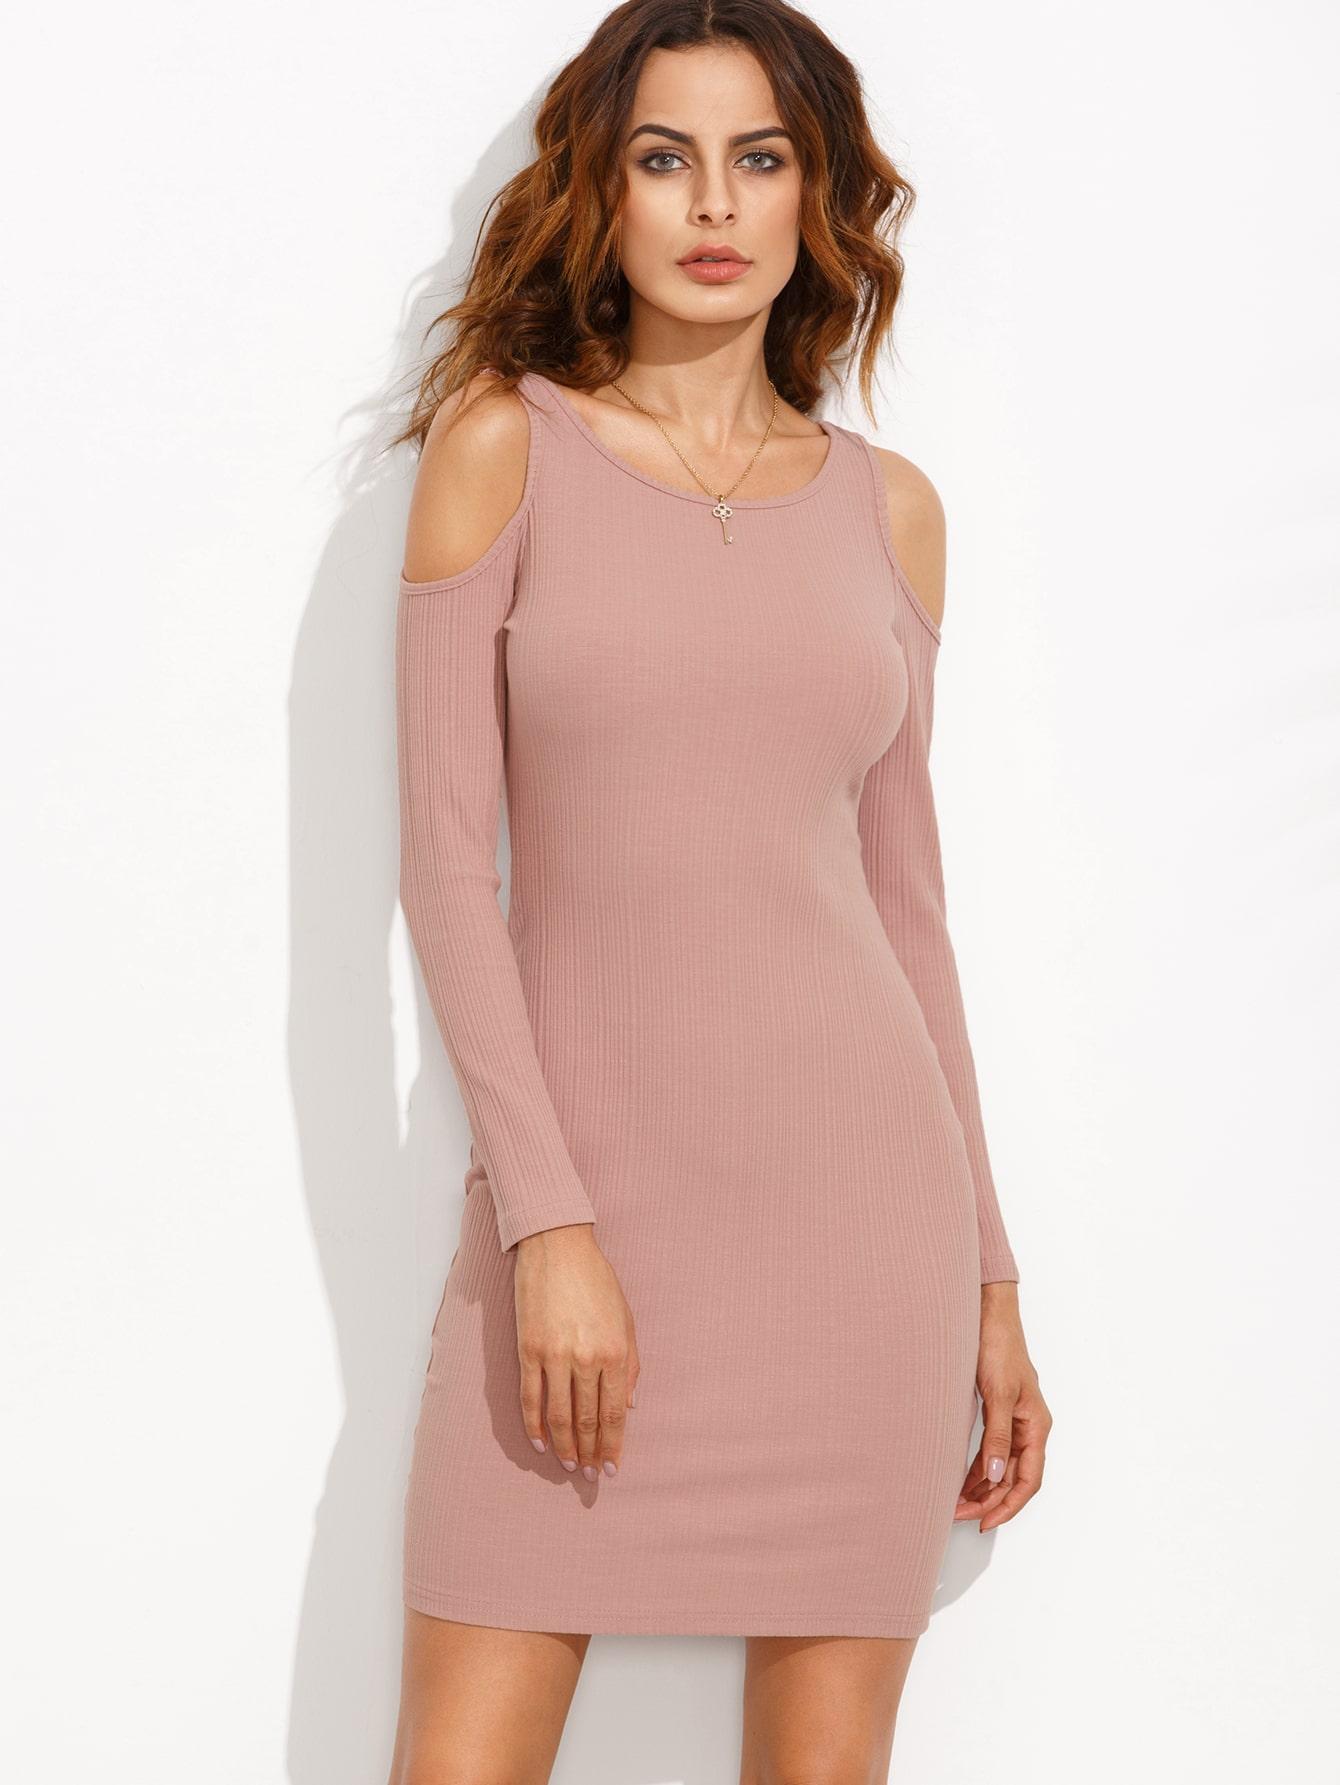 Pink Open Shoulder Ribbed Sheath Dress dress160810704